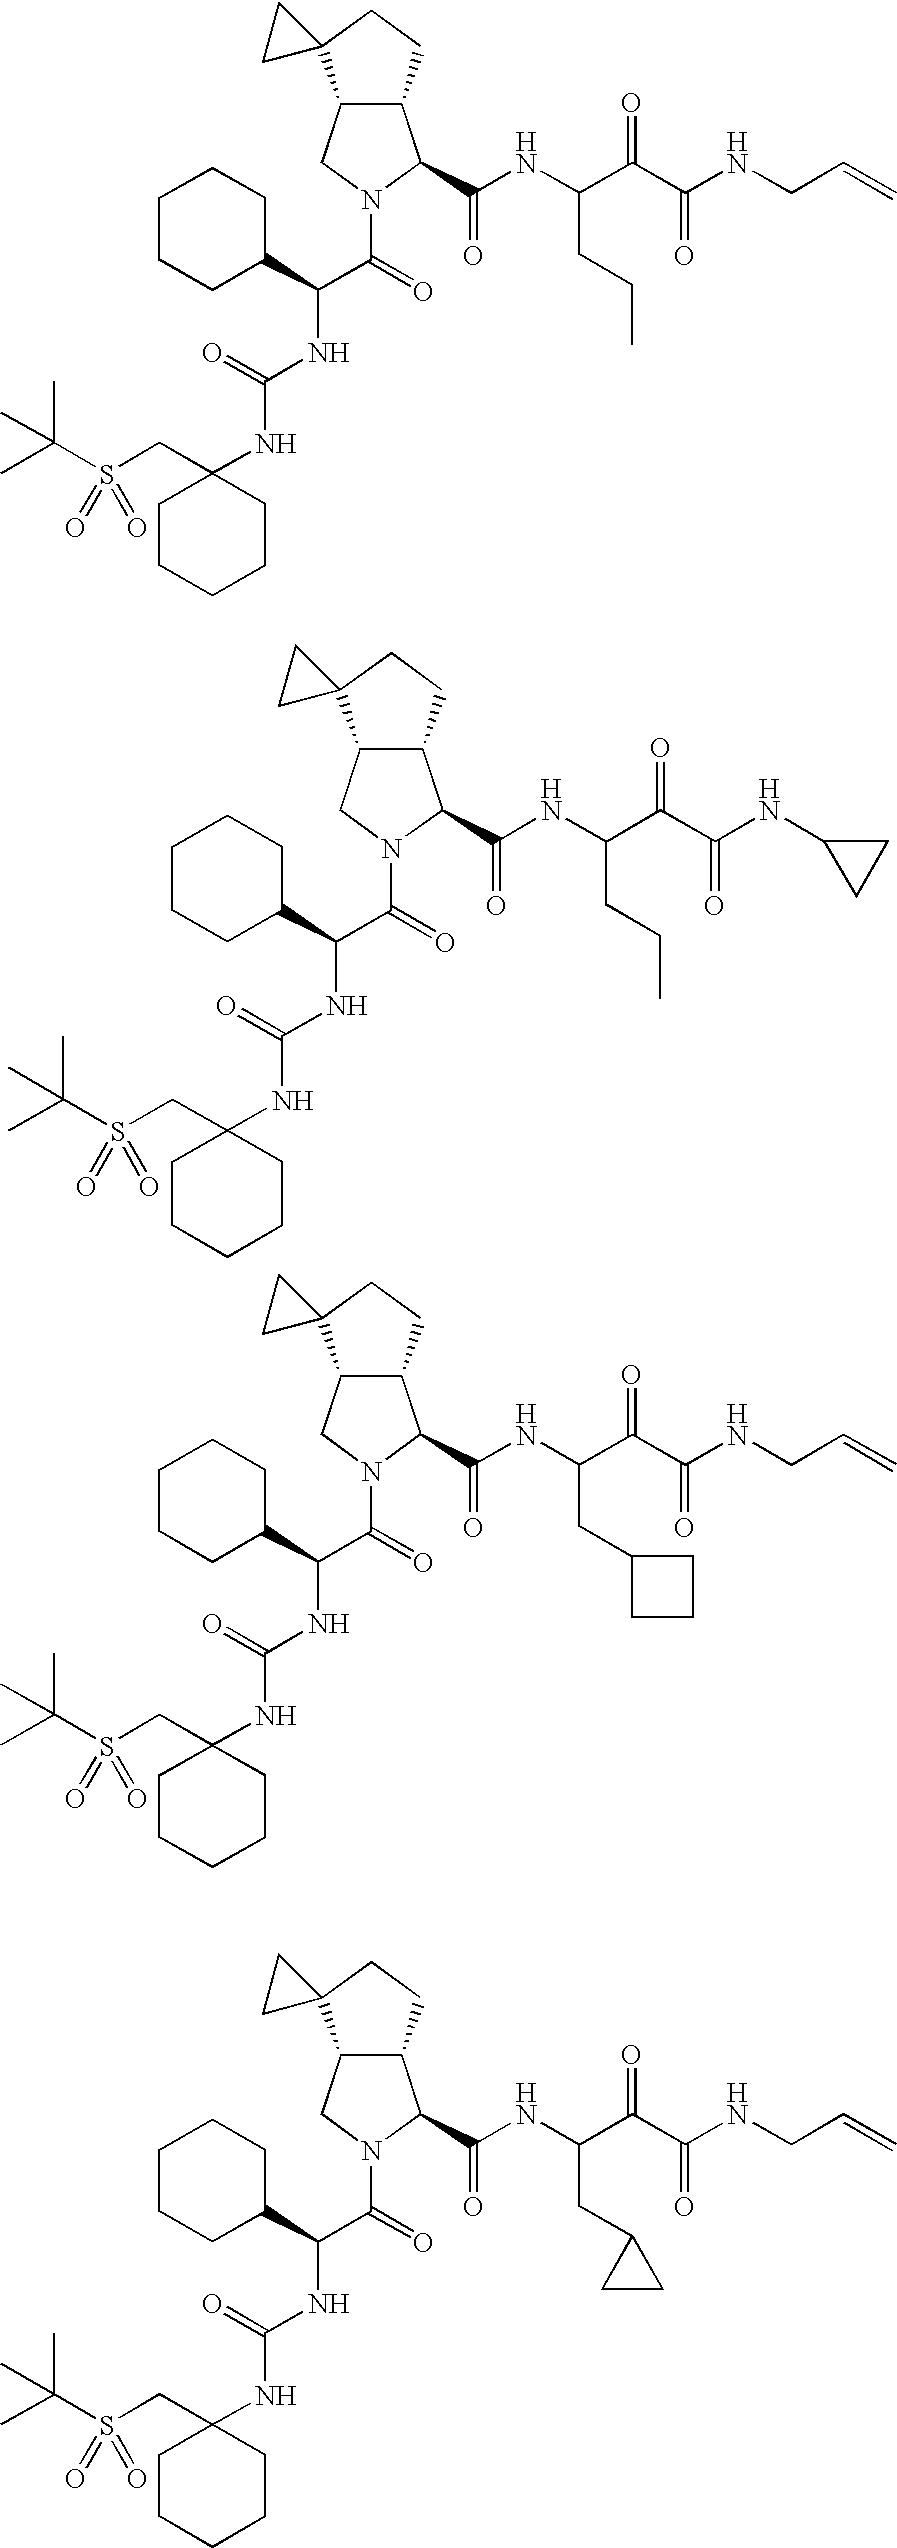 Figure US20060287248A1-20061221-C00523